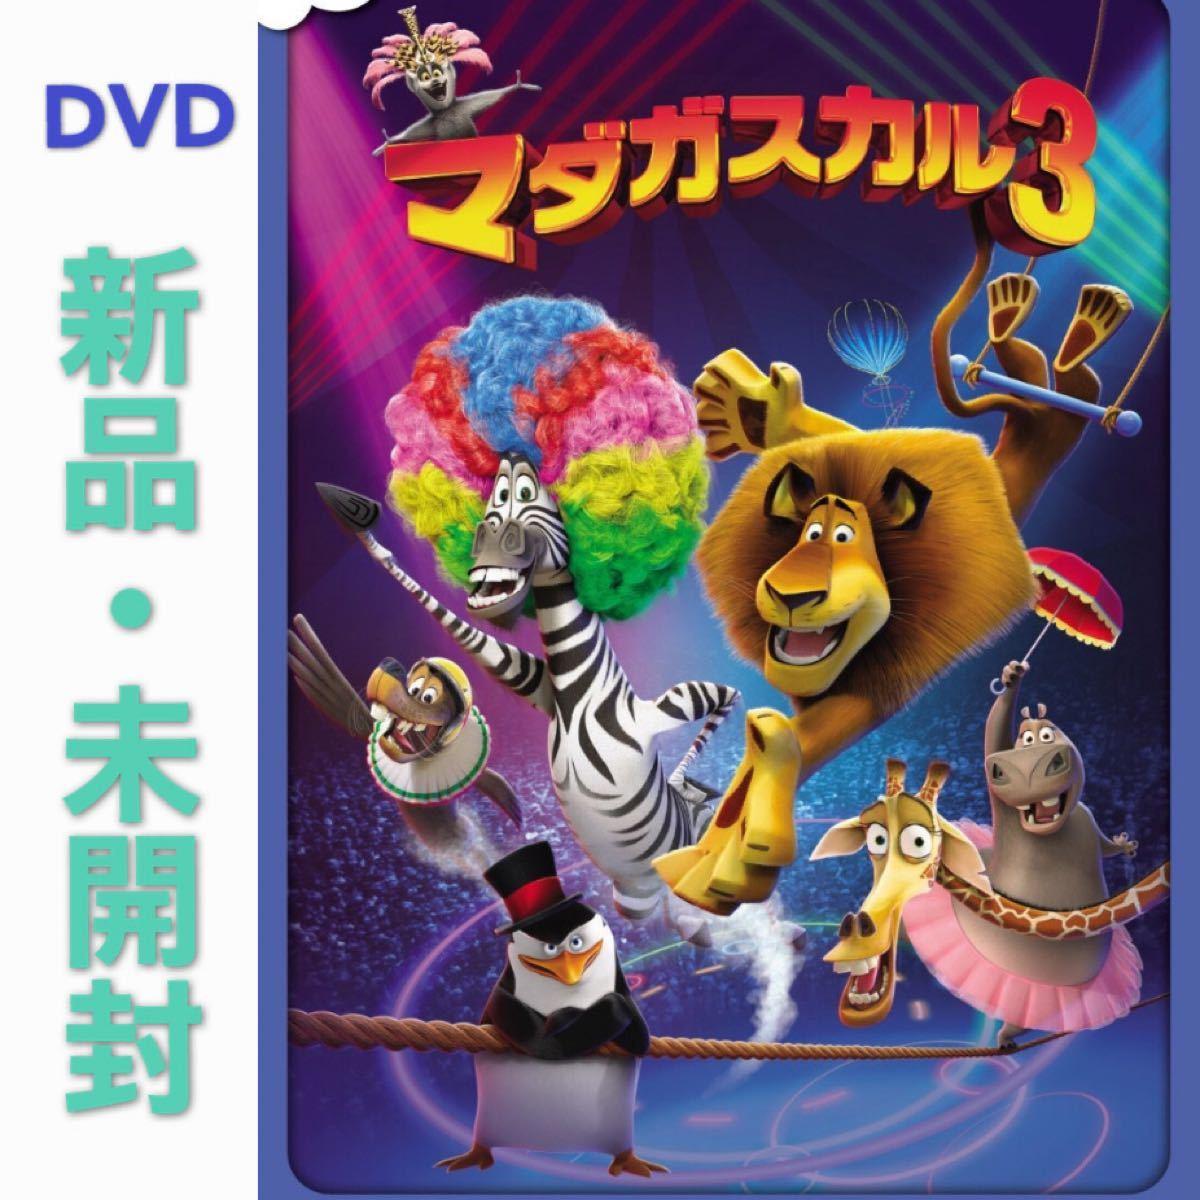 DVD マダガスカル3 新品・未開封